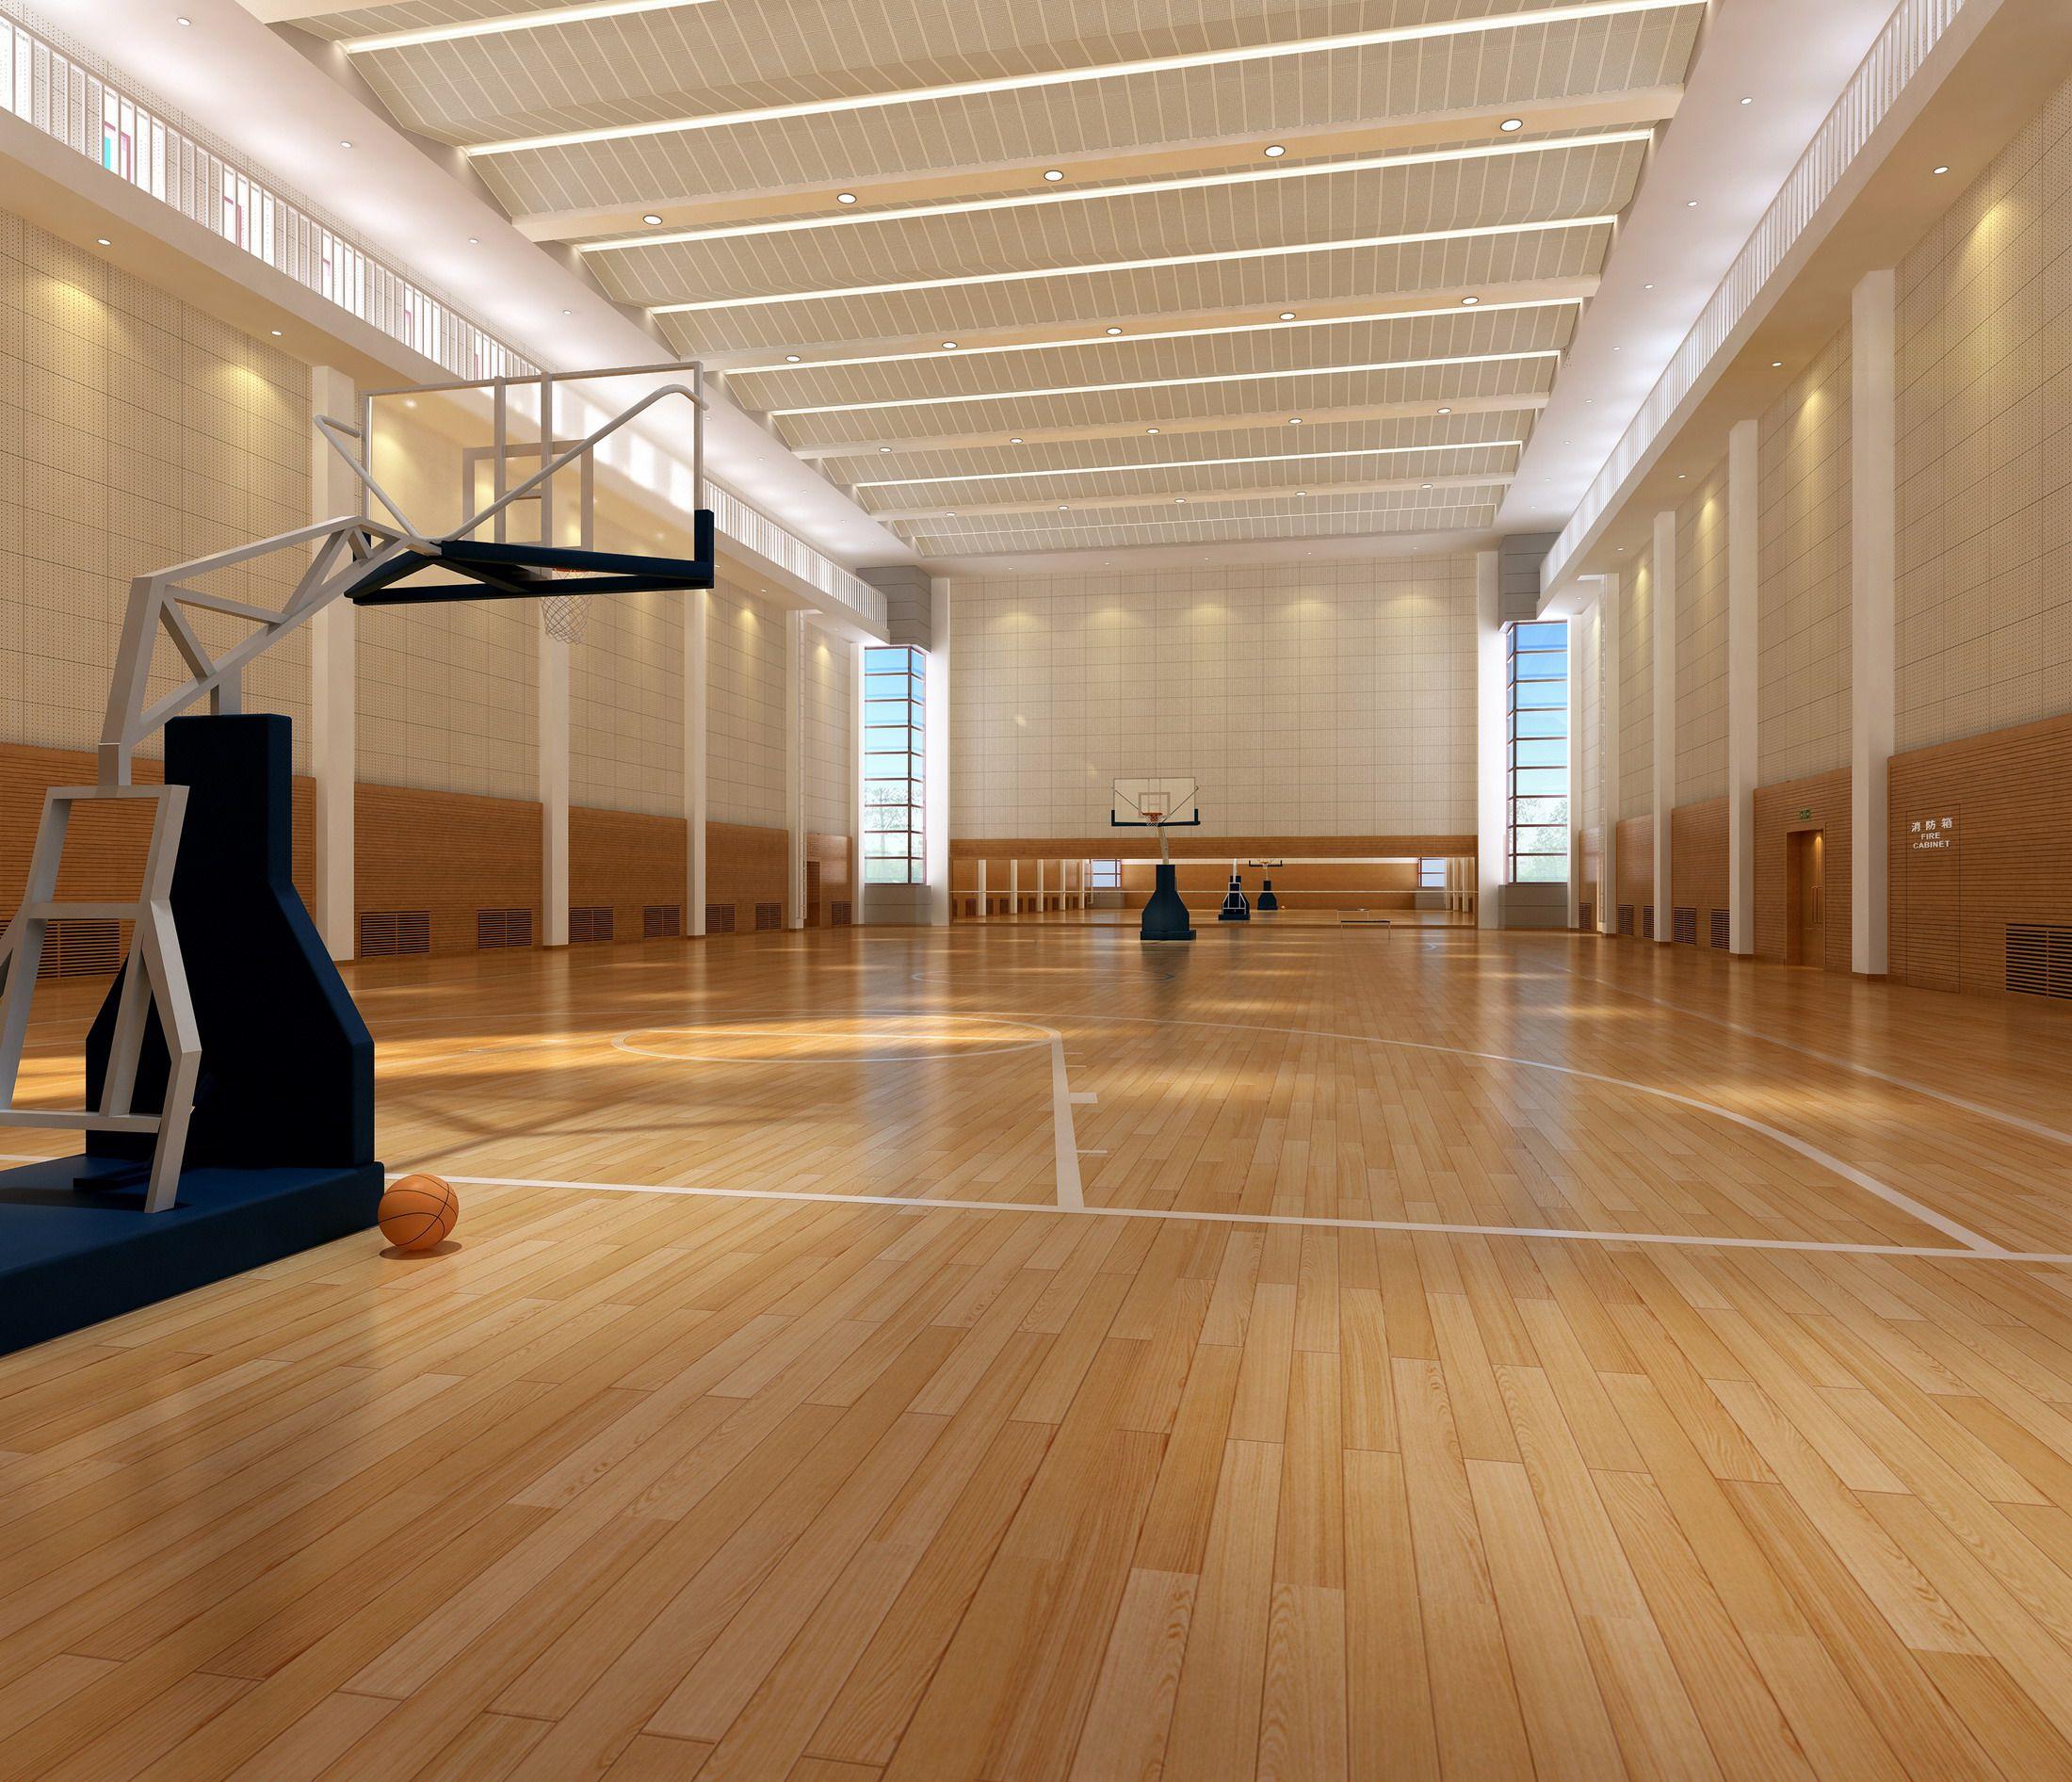 Basketball Gymnasium Arena 002 3d Model Flatpyramid Indoor Basketball Court Home Basketball Court Indoor Basketball